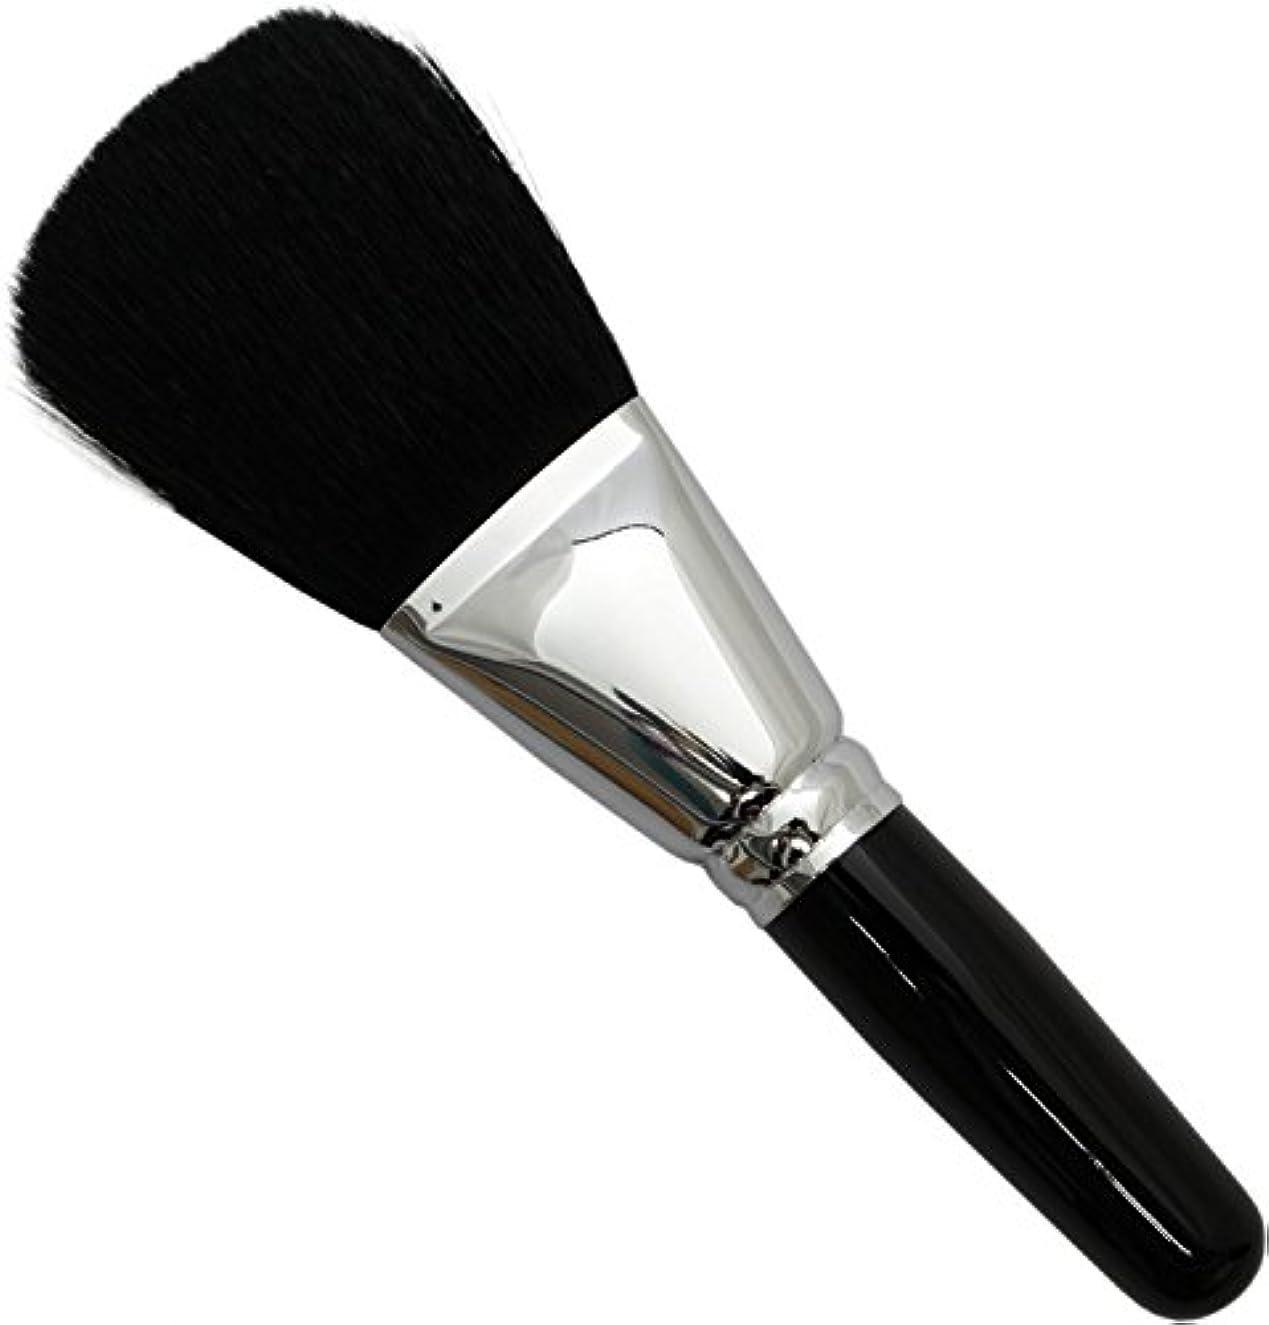 忠実に実験単調な熊野筆 メイクブラシ SRシリーズ フィニッシングブラシ 山羊毛